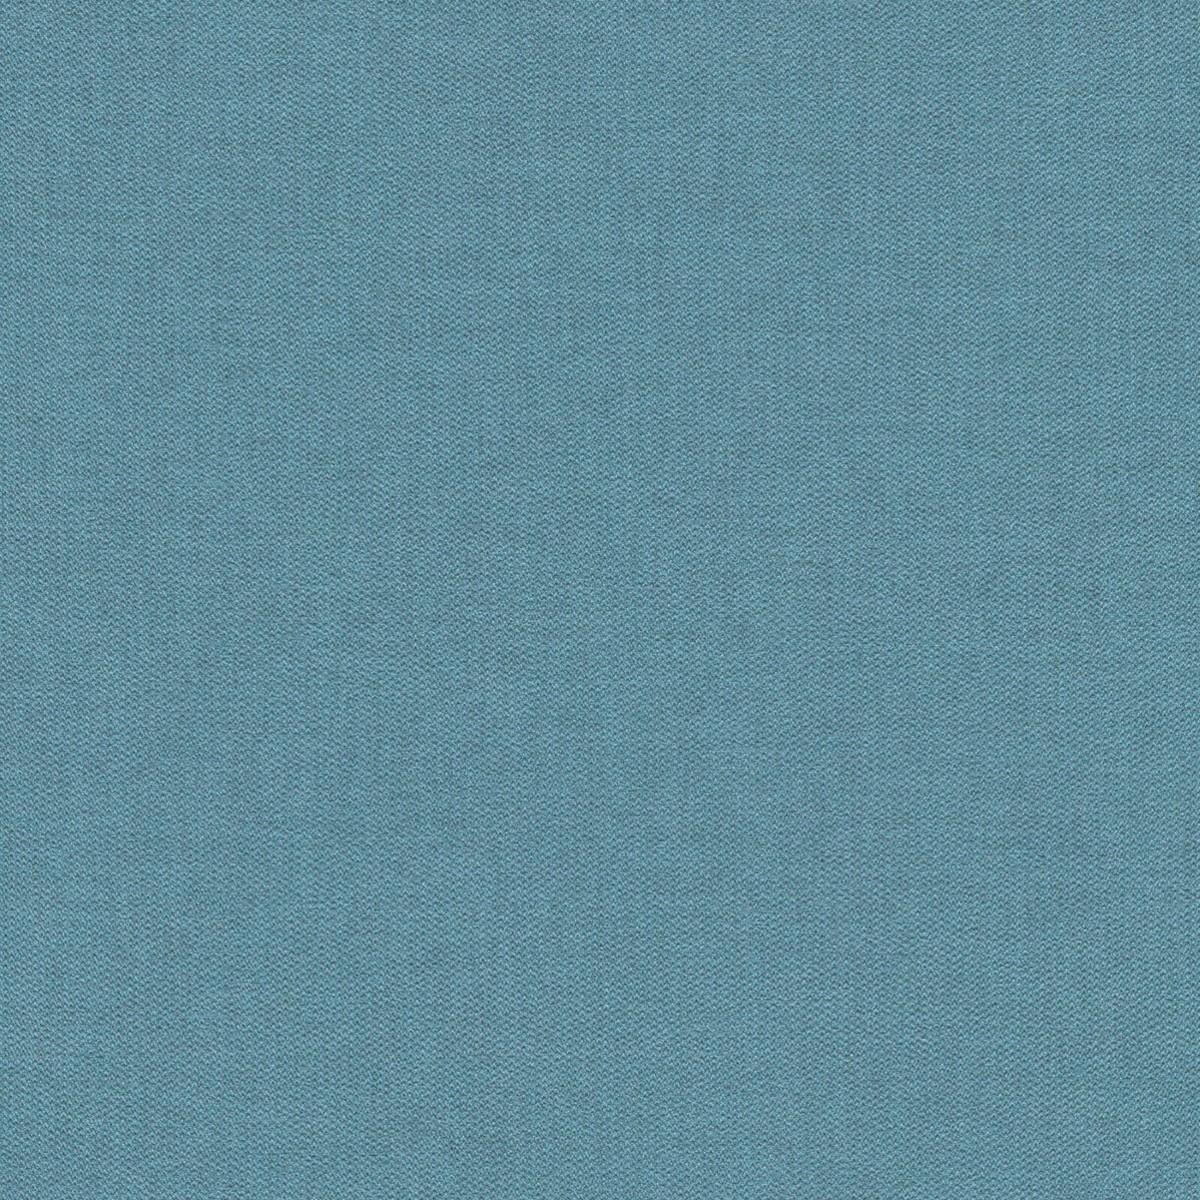 Обои флизелиновые Rasch Etro голубые 0.70 м 515770